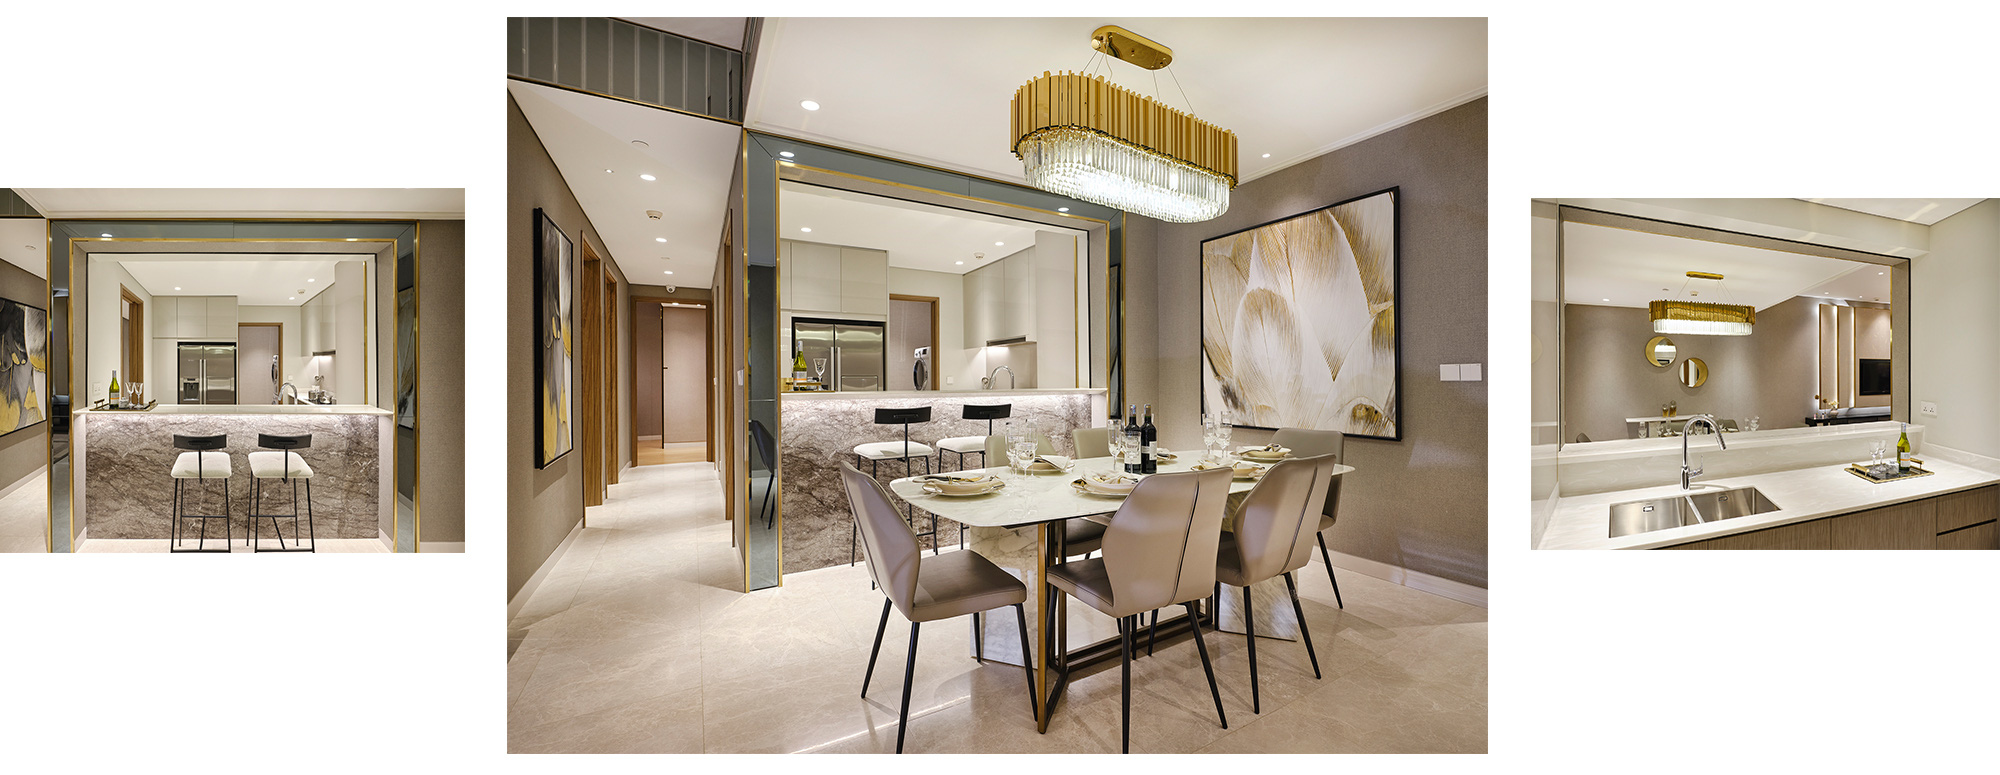 Đưa thời trang vào thiết kế nội thất – Sự xuất hiện ngoạn mục của những căn hộ đầy cảm hứng tại The River - Ảnh 7.